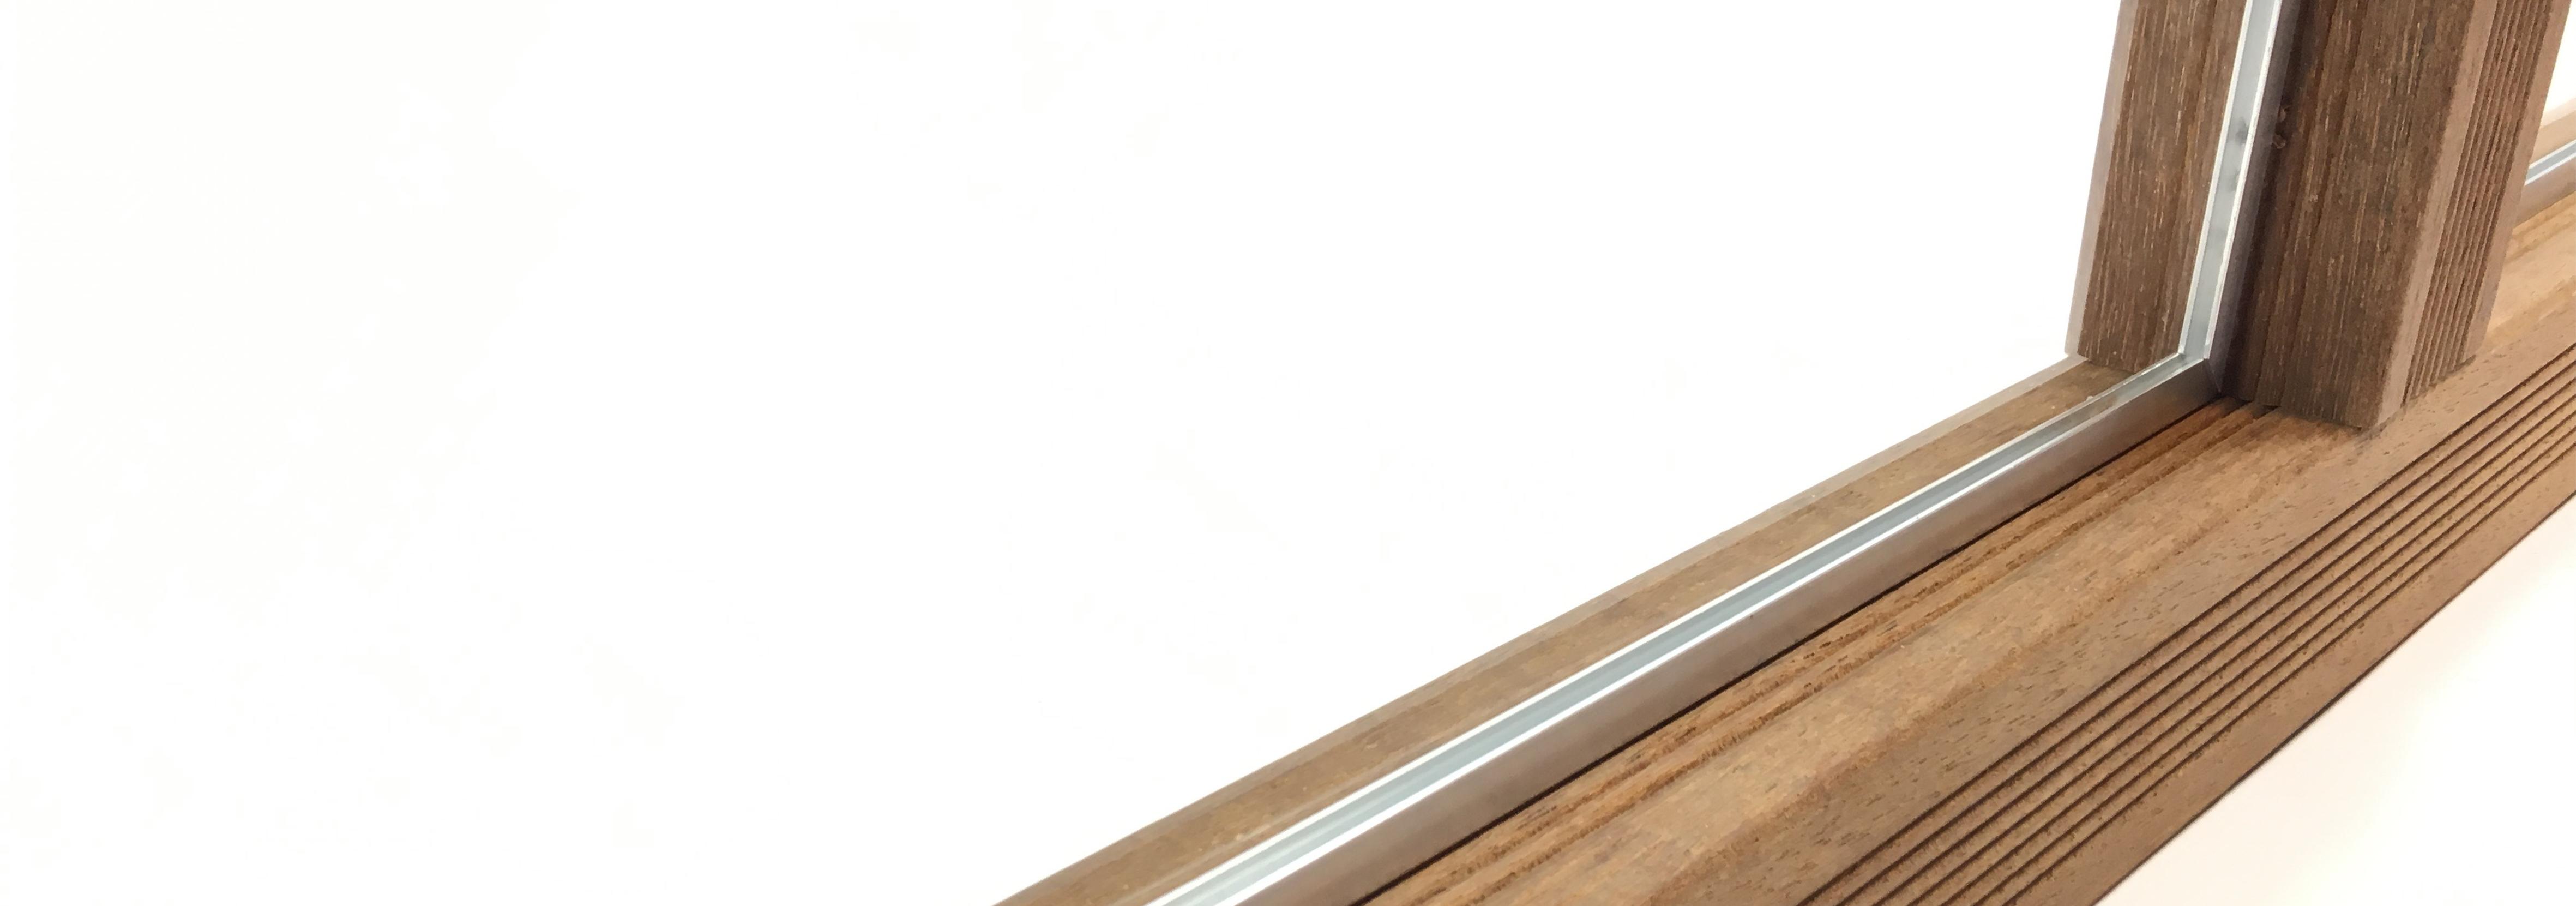 Fabrication d'un pare-vent en plexiglass etape 5